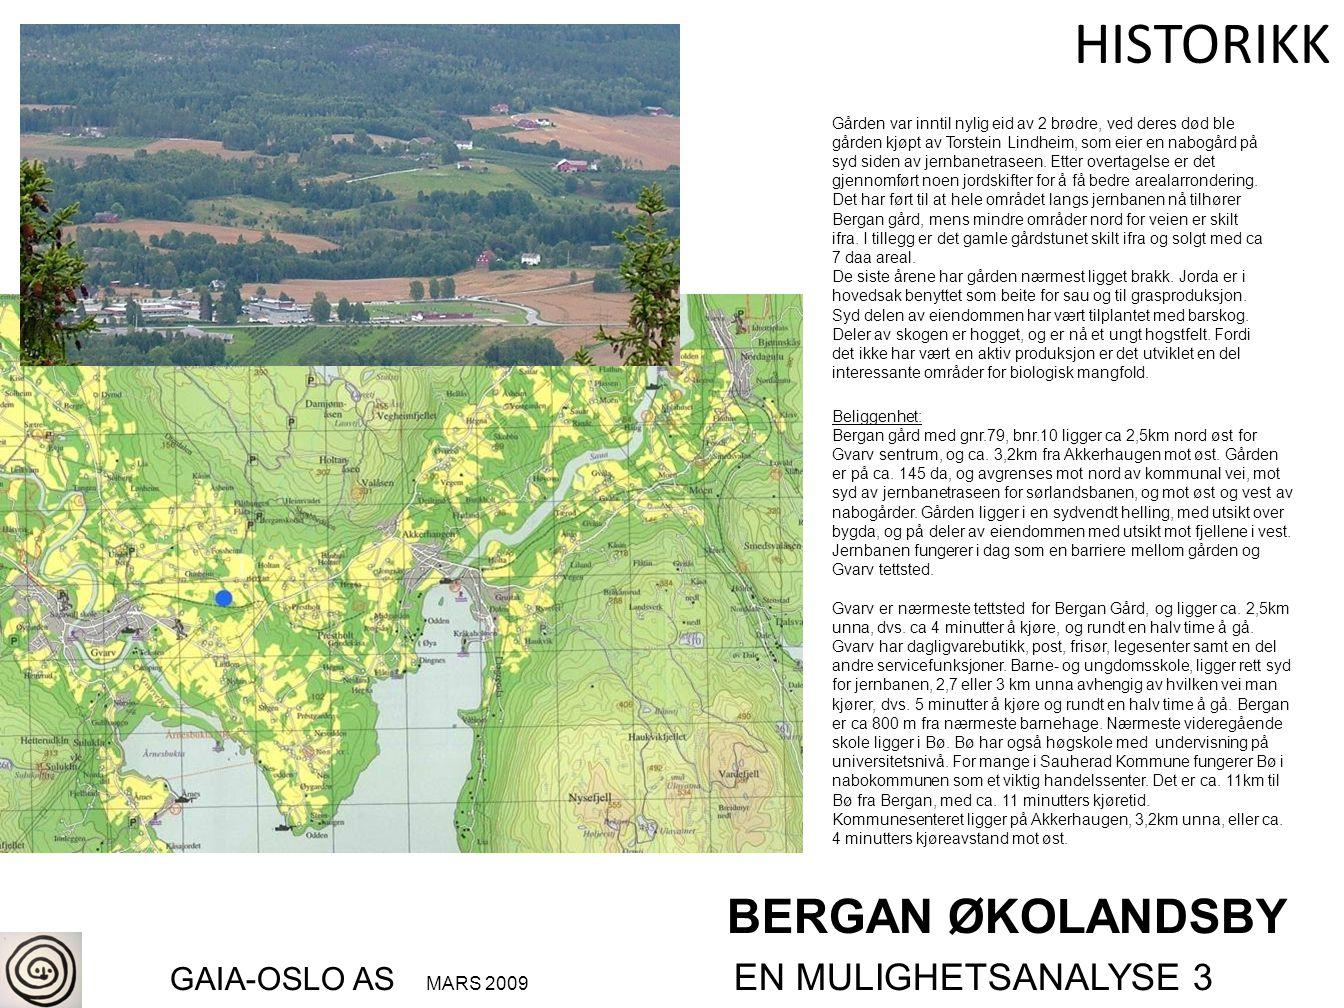 BERGAN ØKOLANDSBY GAIA-OSLO AS MARS 2009 EN MULIGHETSANALYSE 3 HISTORIKK Beliggenhet: Bergan gård med gnr.79, bnr.10 ligger ca 2,5km nord øst for Gvar